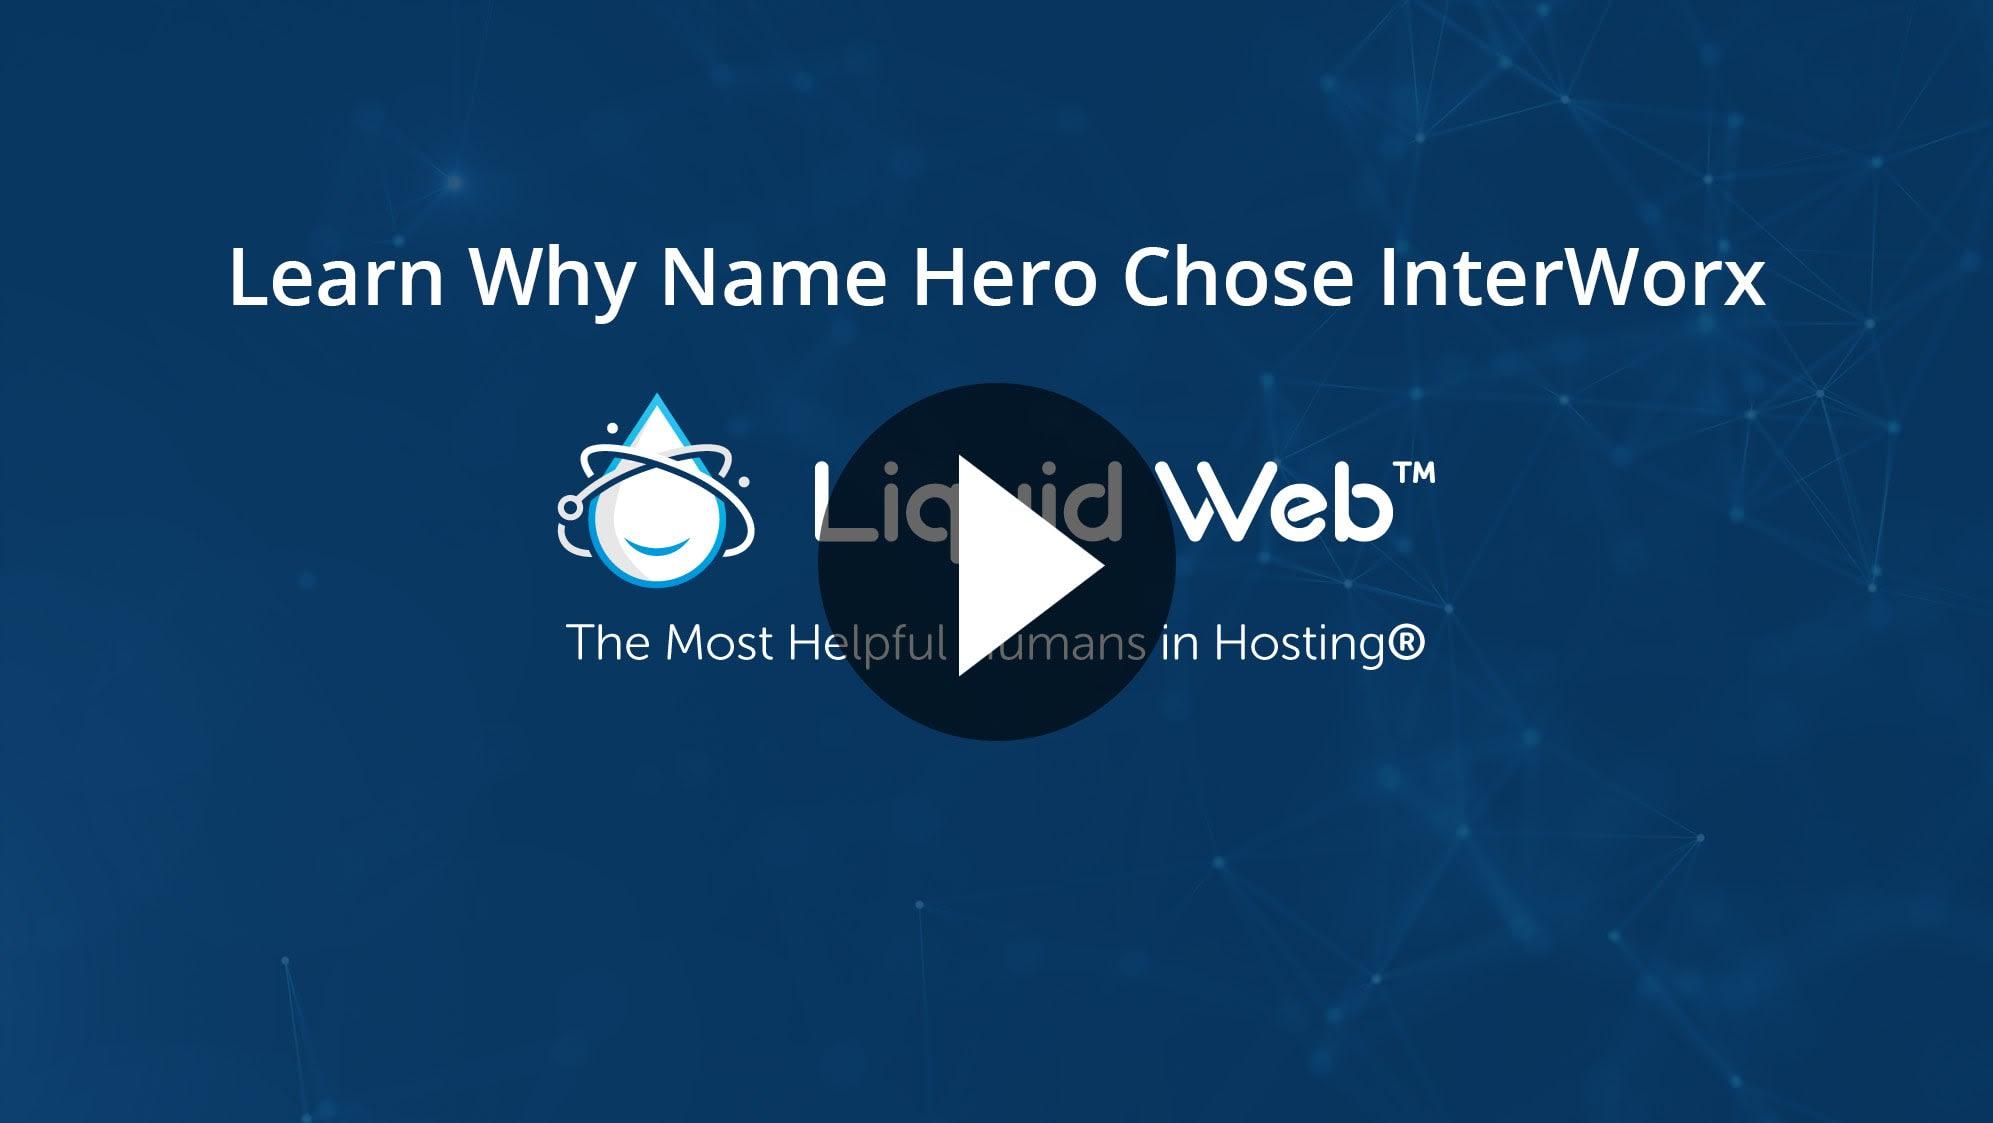 Learn Why Name Hero Chose InterWorx